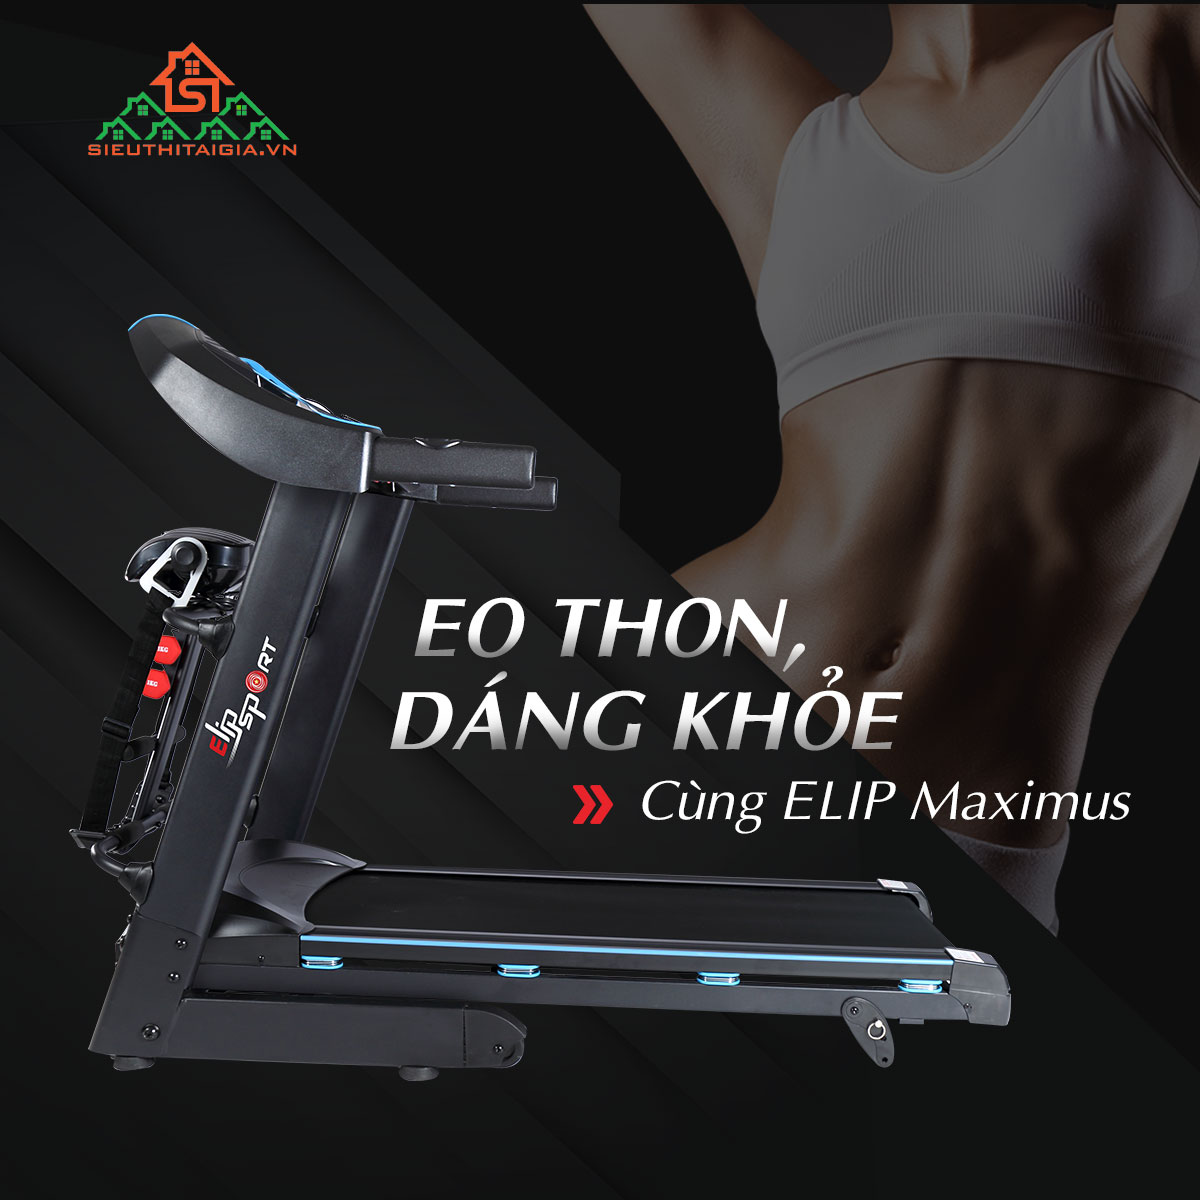 Máy chạy bộ điệnElip Maximus